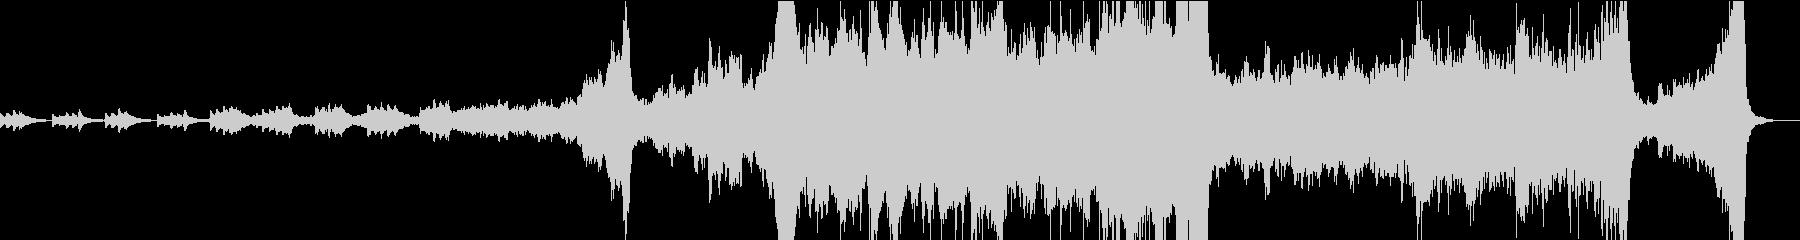 RPGのオープニング向けオーケストラの未再生の波形